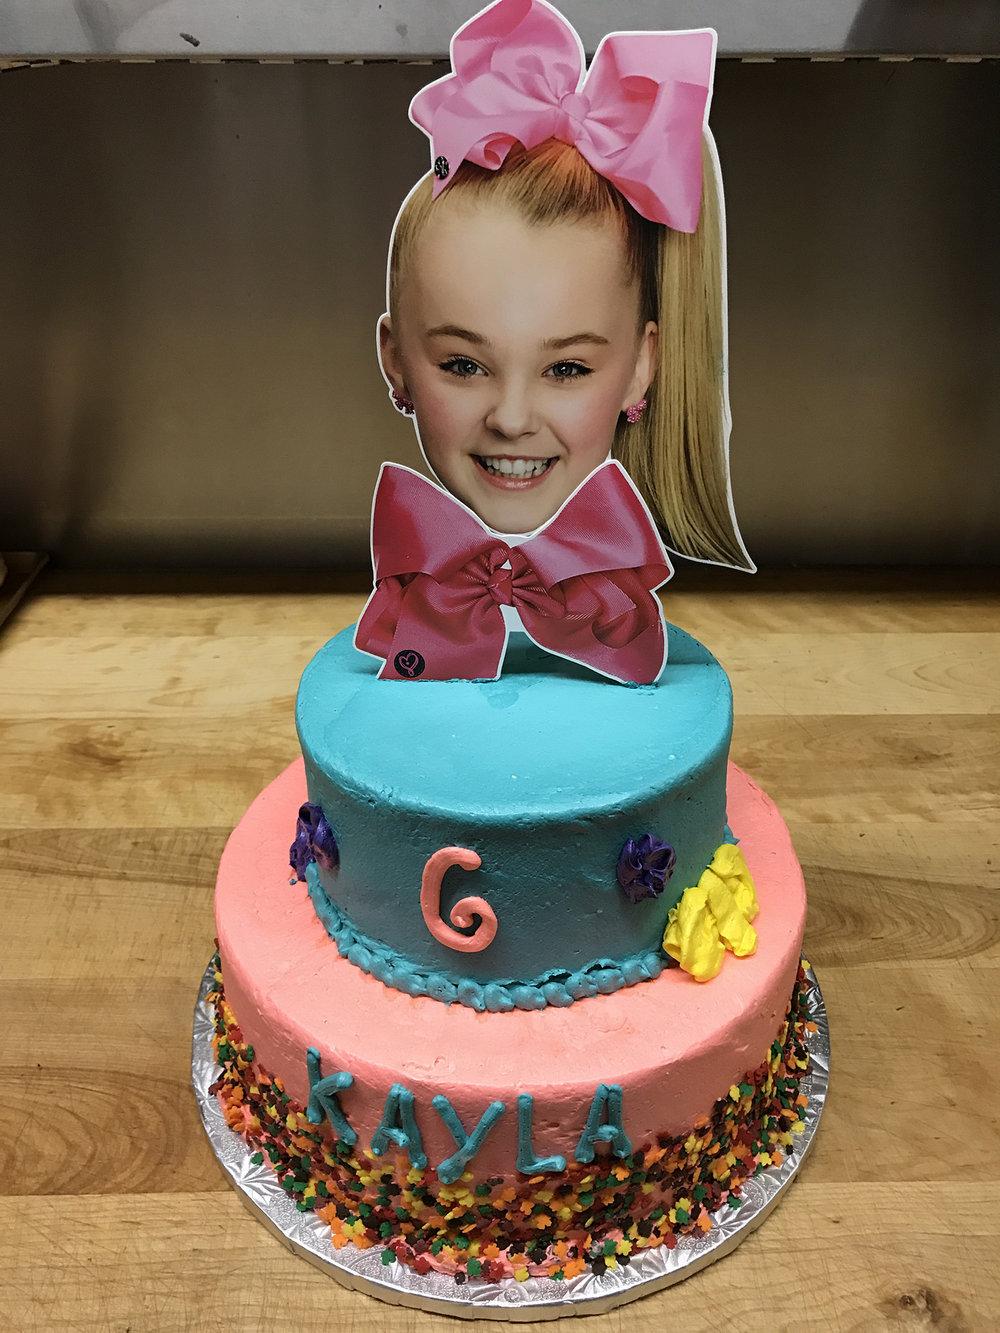 jo-jo-bow-birthday-cake-hmb-bakery.jpg